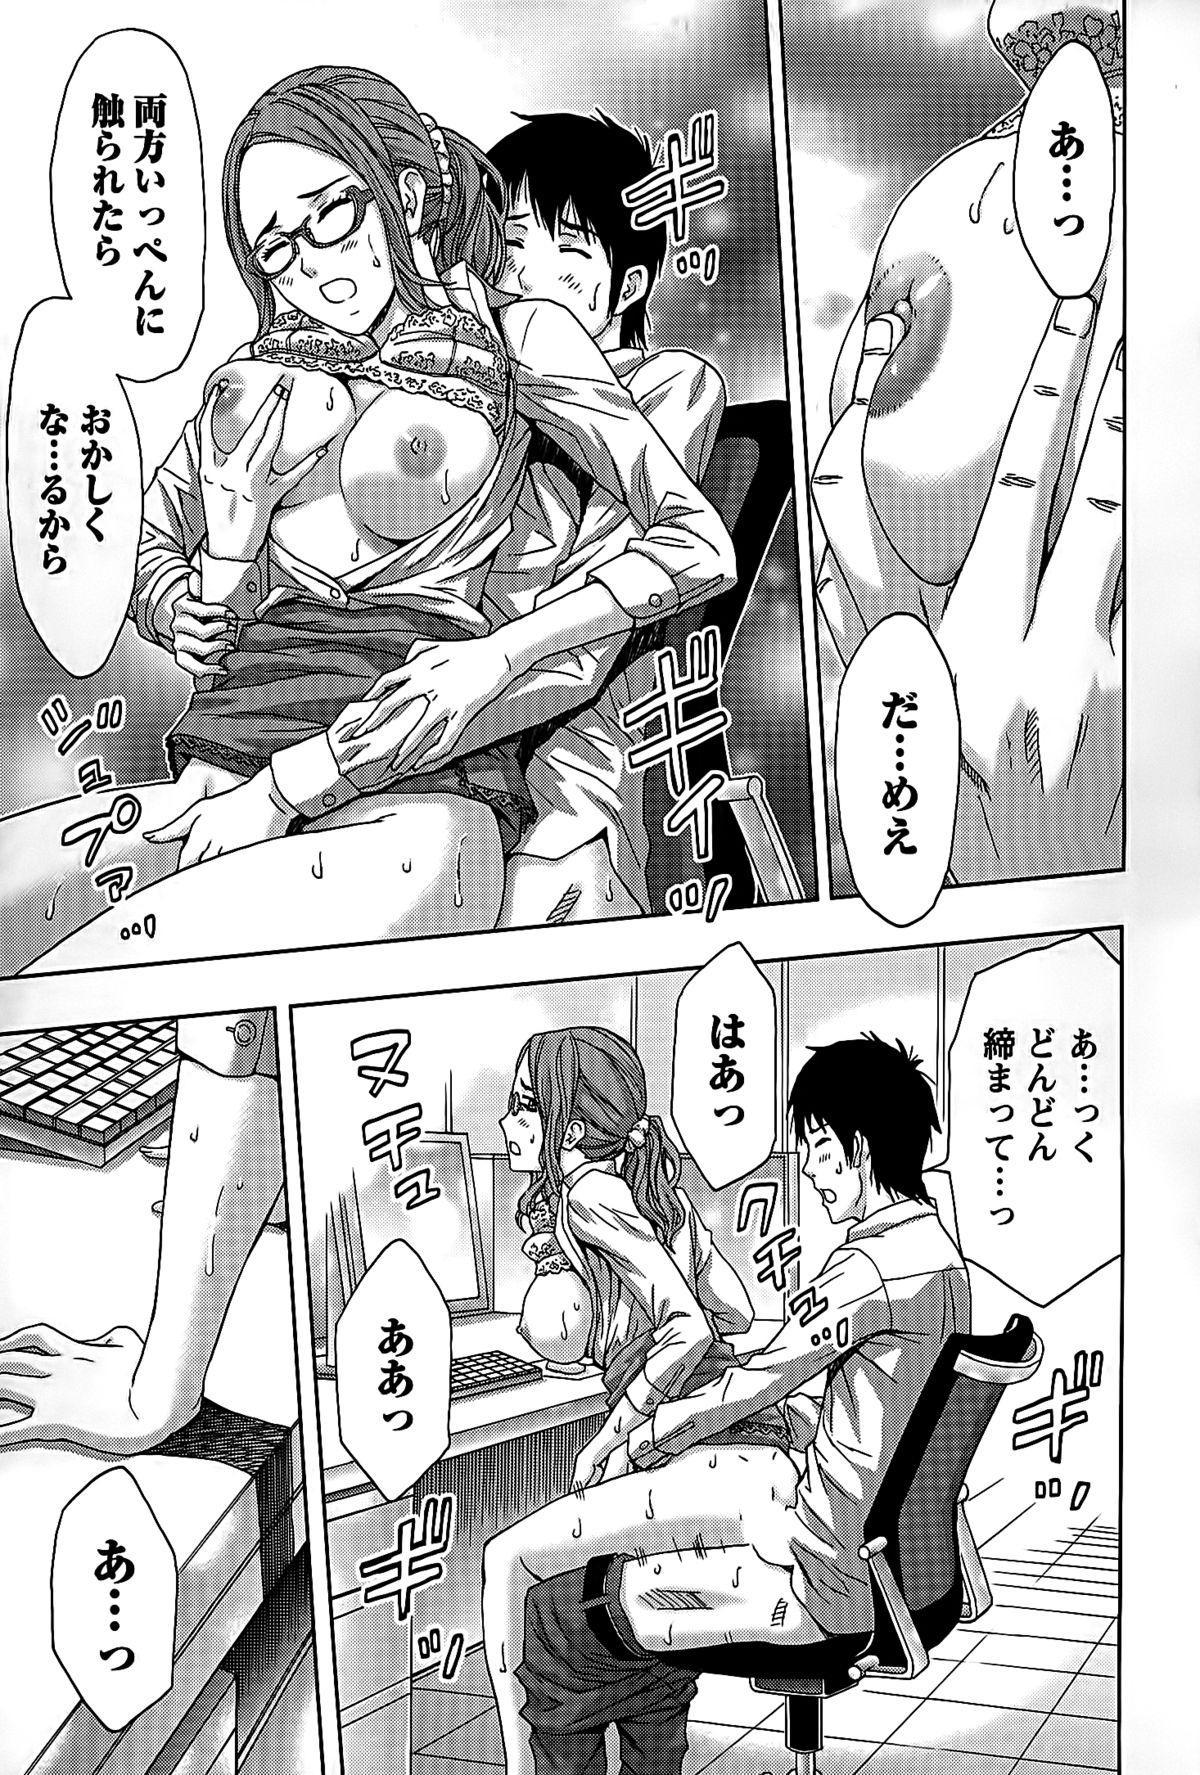 Shittori Lady to Amai Mitsu 40